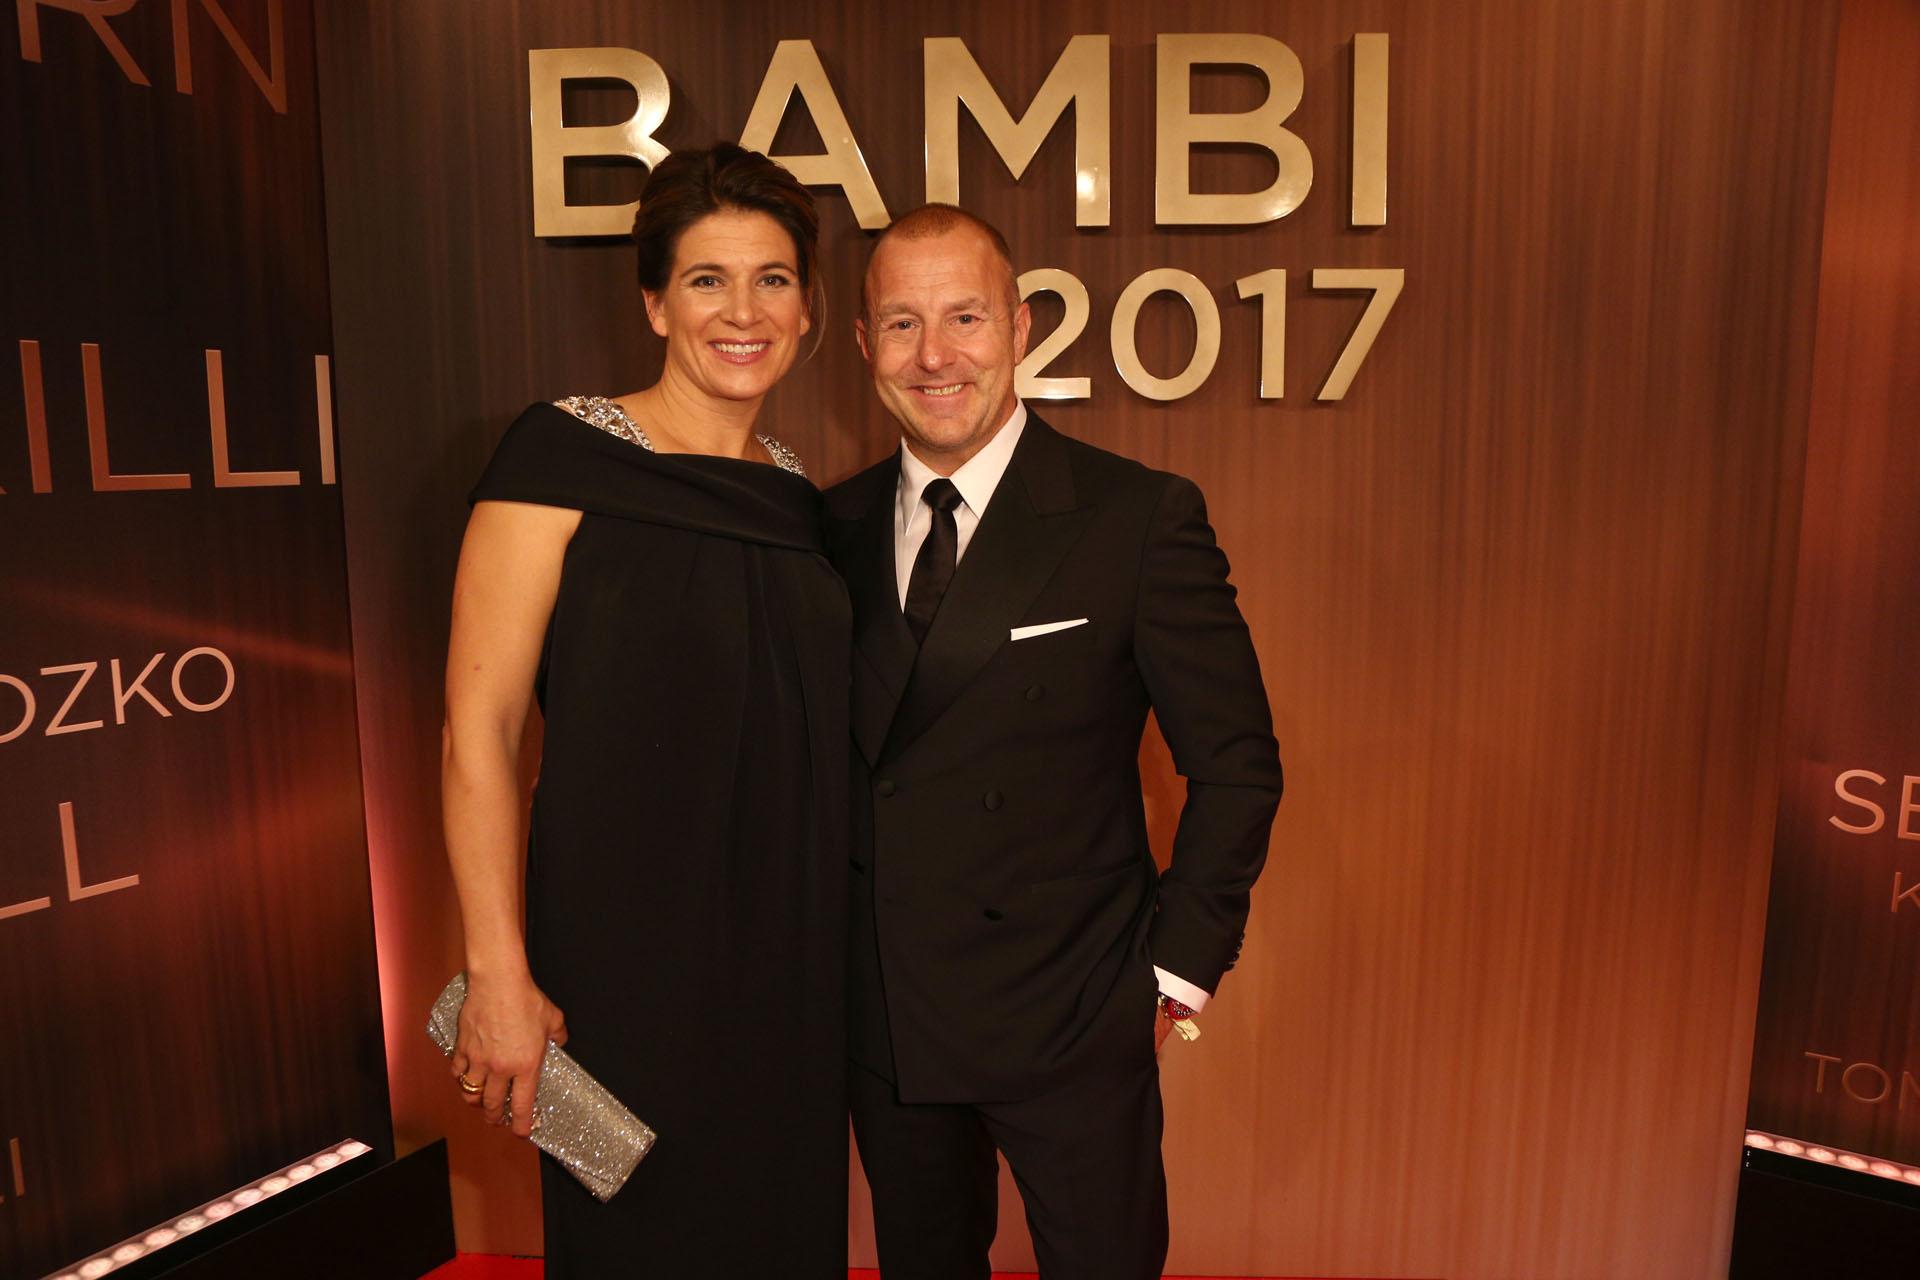 Bambi 2017 Für Heino Ferch Degeto Film Gmbh